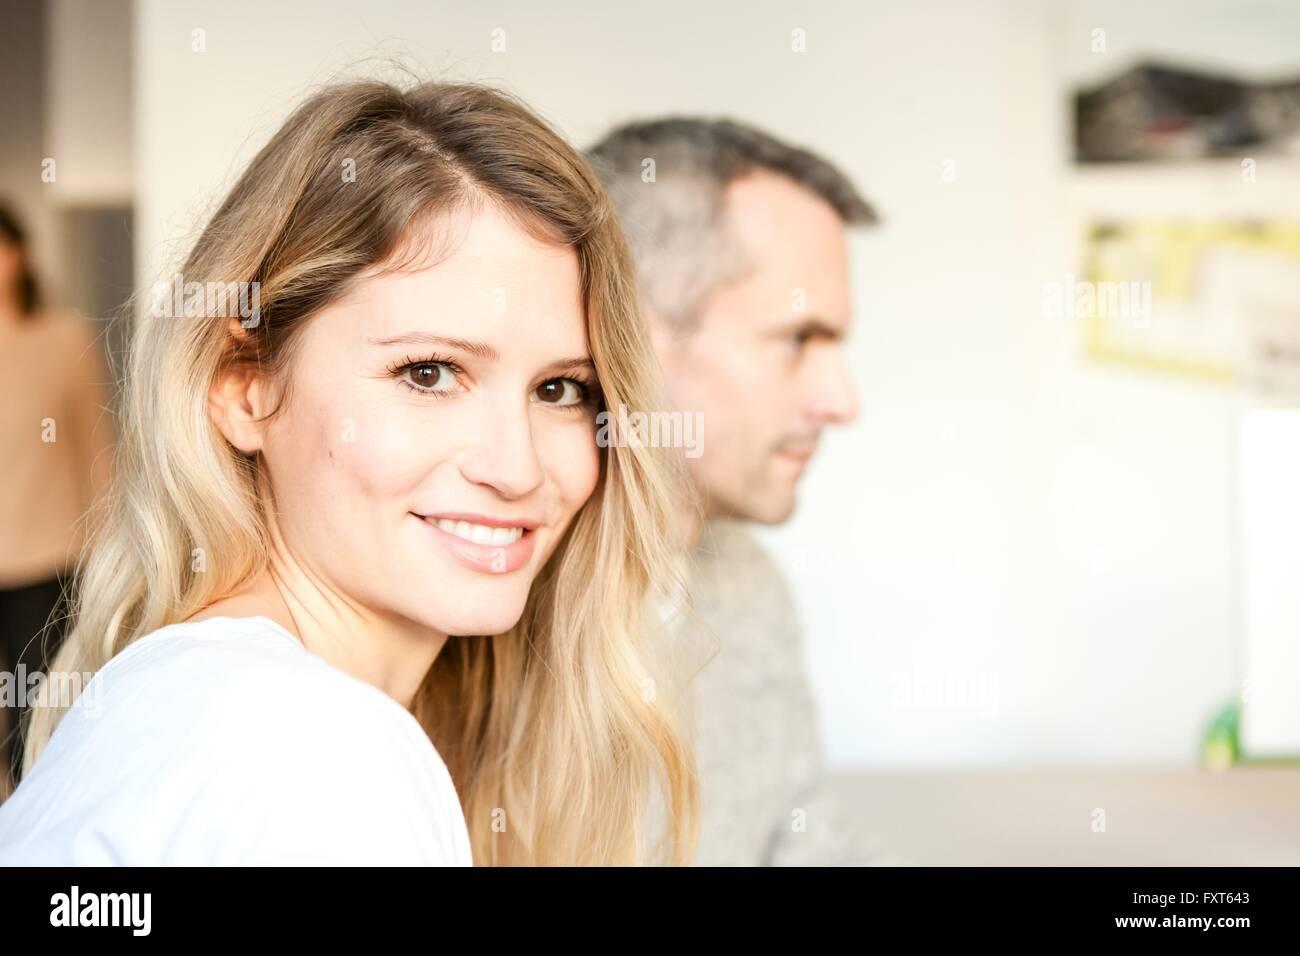 Ritratto di giovane brown eyed donna che guarda la fotocamera a sorridere Immagini Stock